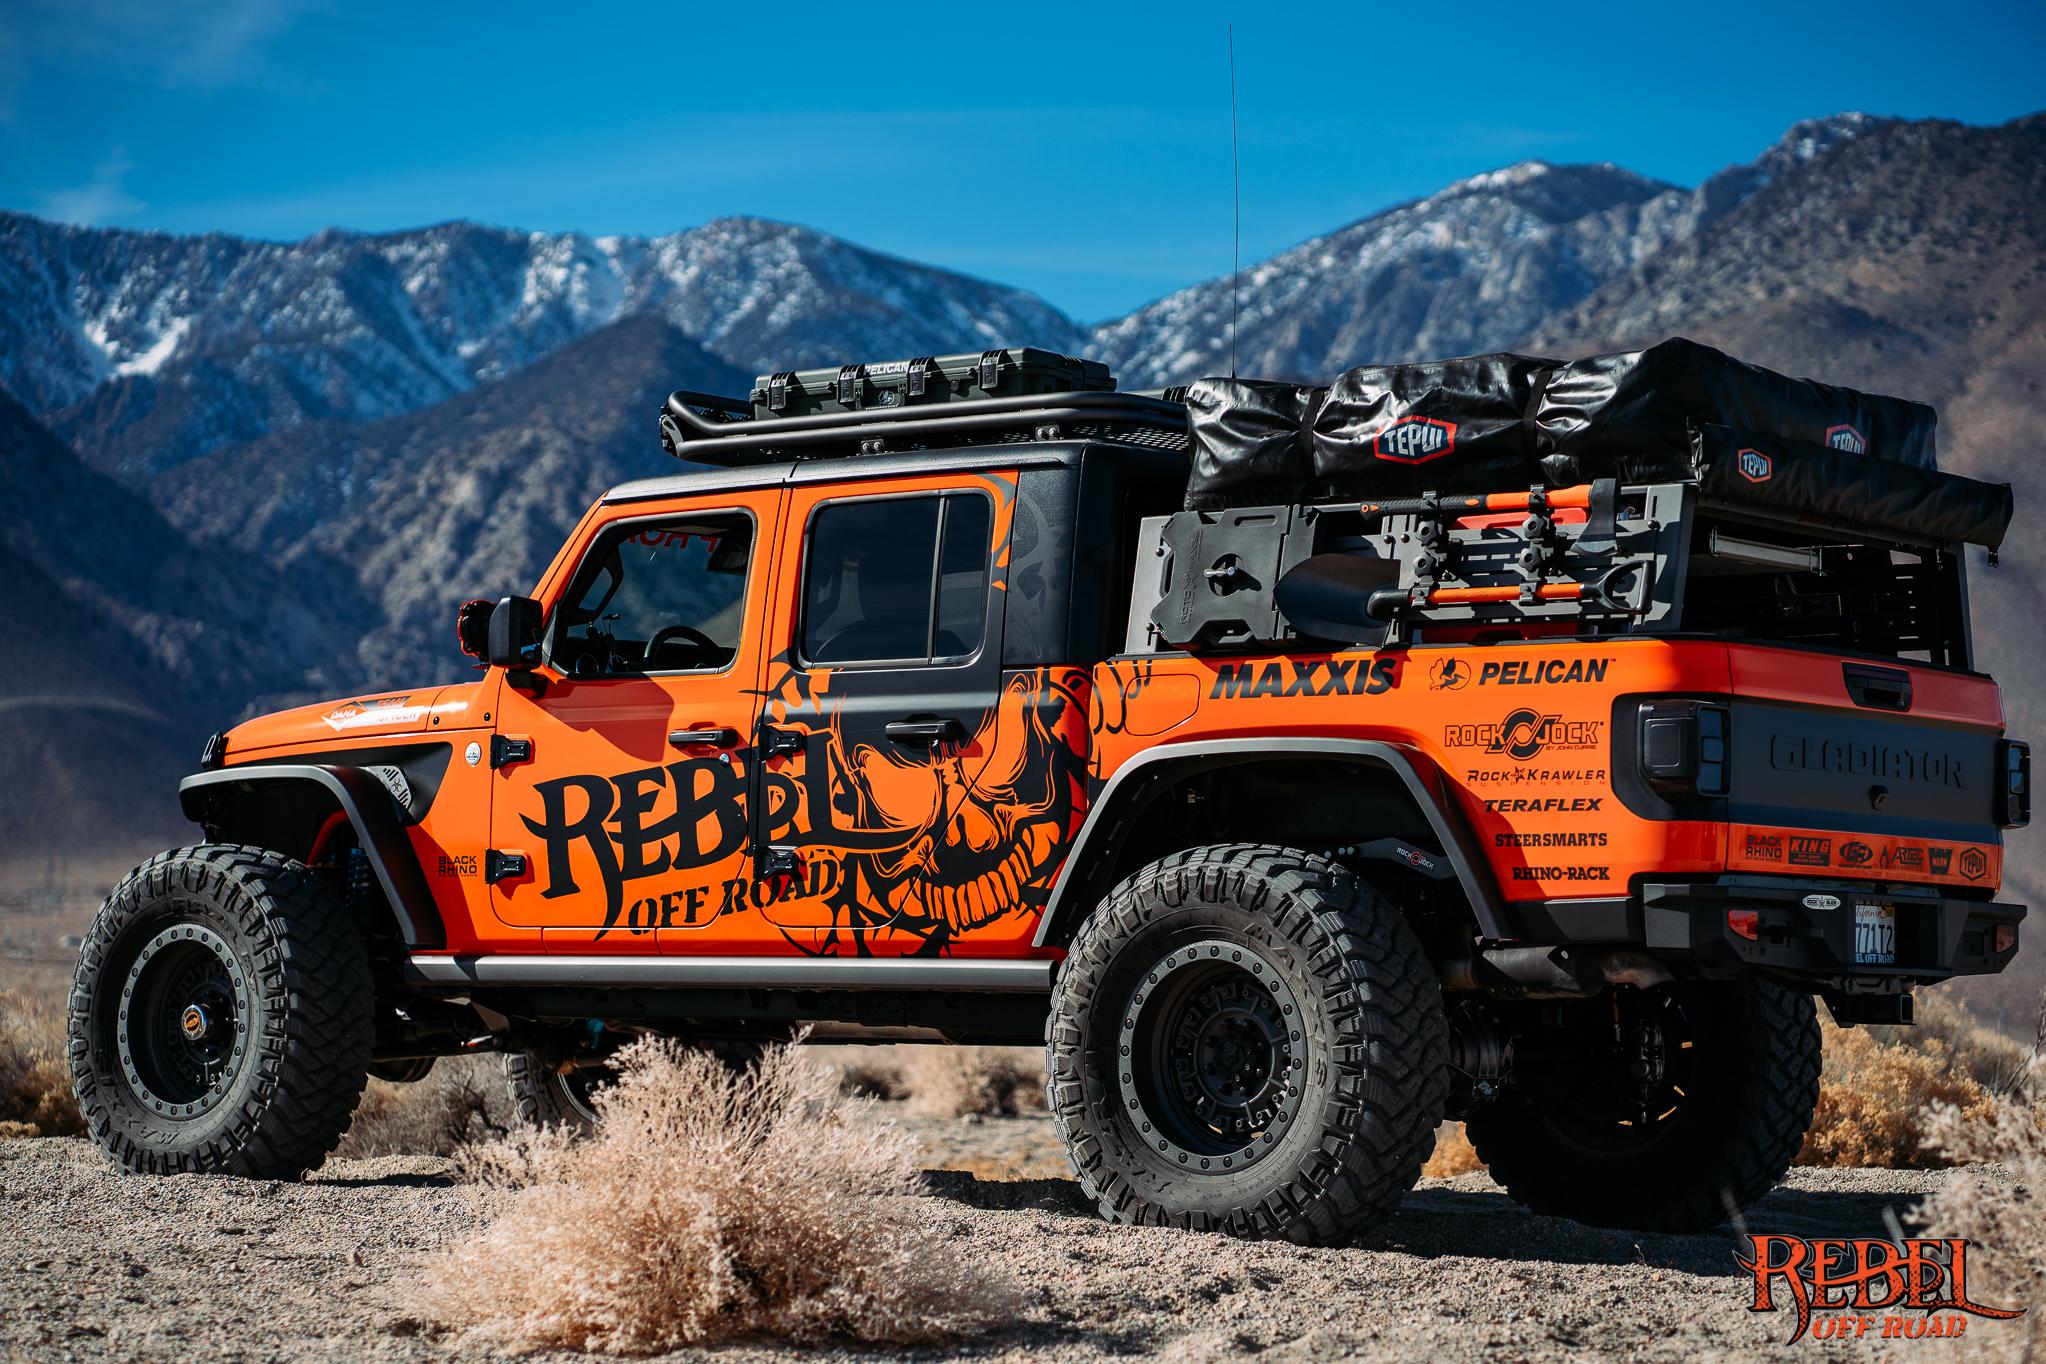 rebeloffroad-01823.jpg